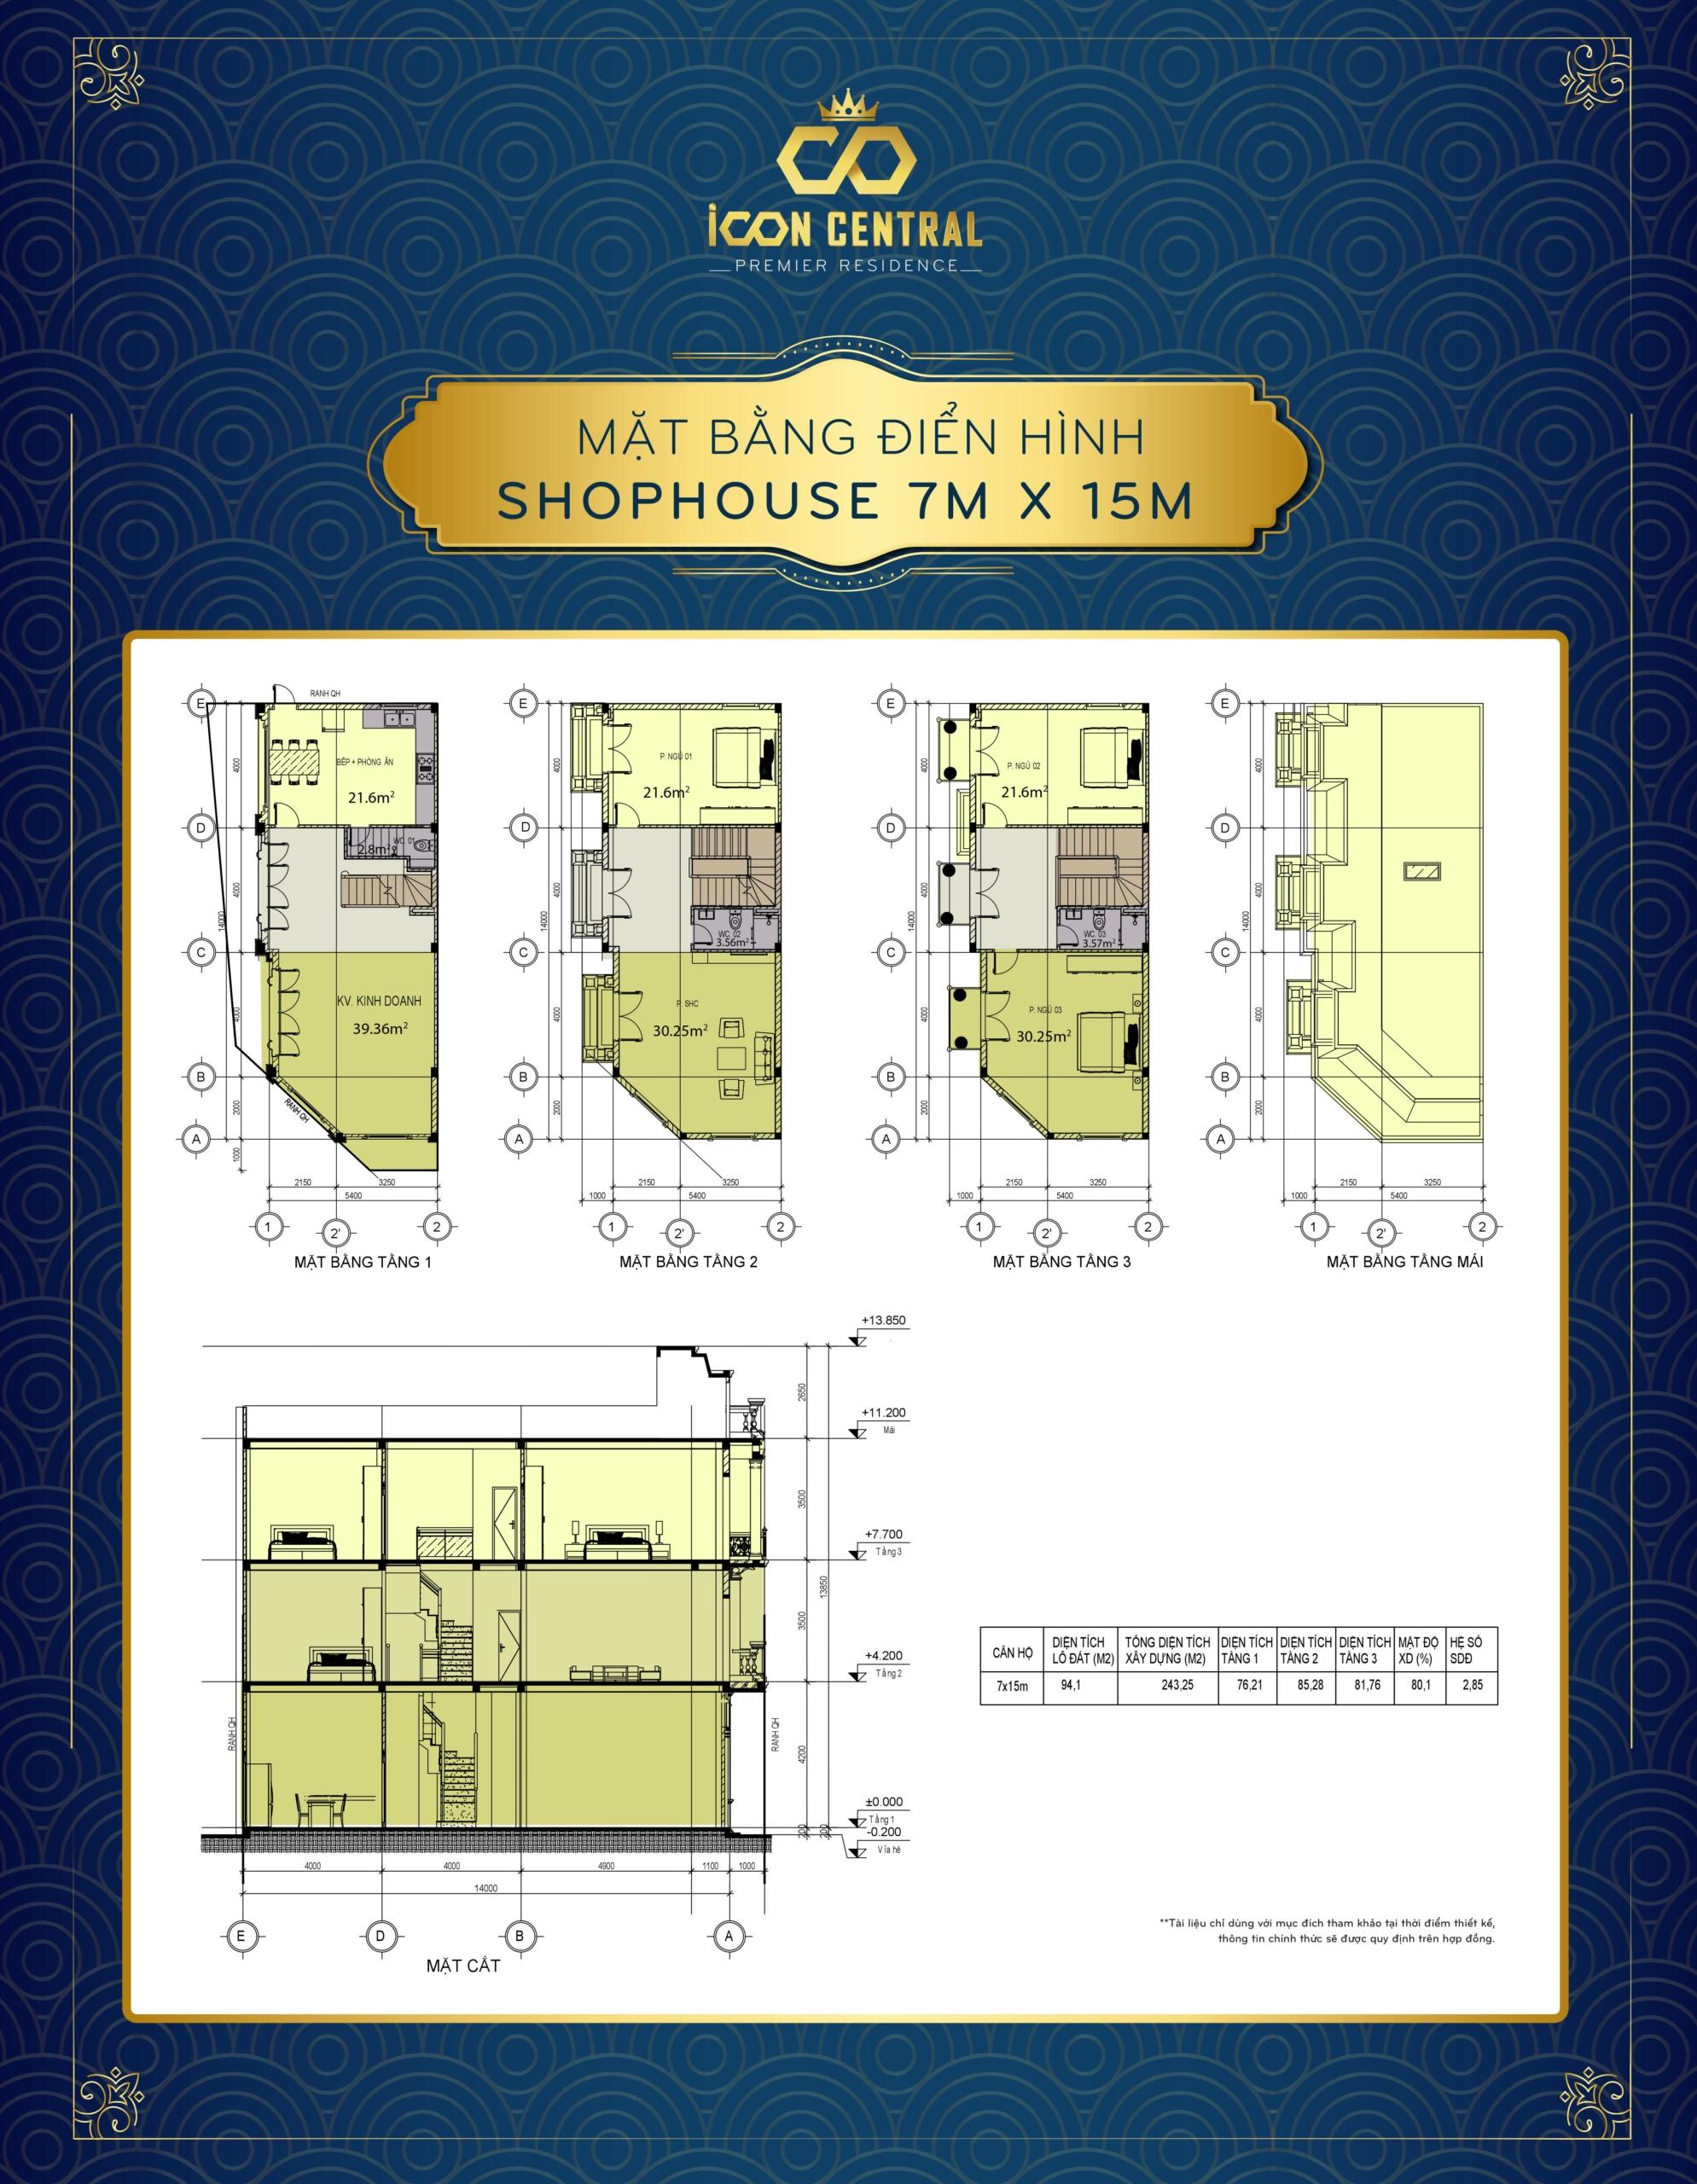 Thiết kế dự án đất nền nhà phố Icon Central Dĩ An Bình Dương chủ đầu tư Phú Hồng Thịnh